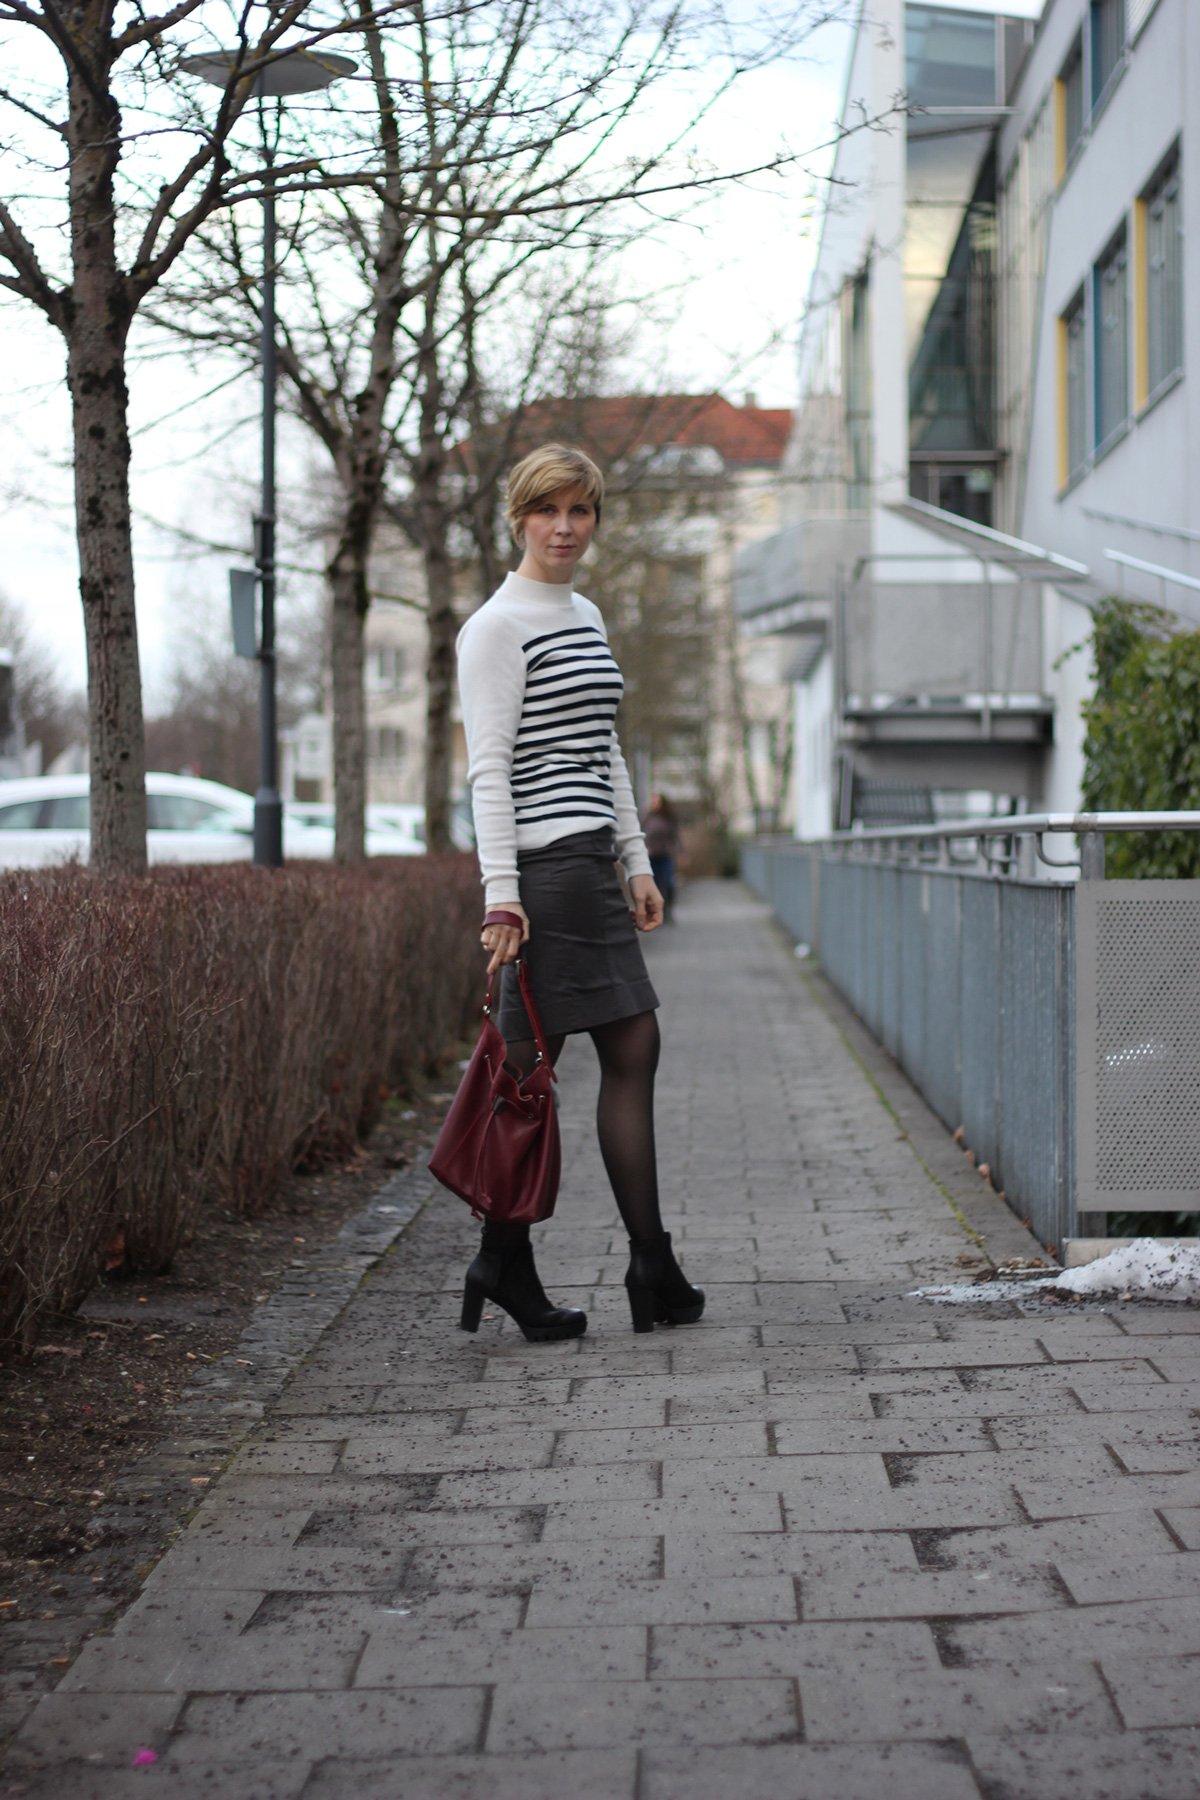 Streifenpullover, Bleistiftrock - Outfit casualchic